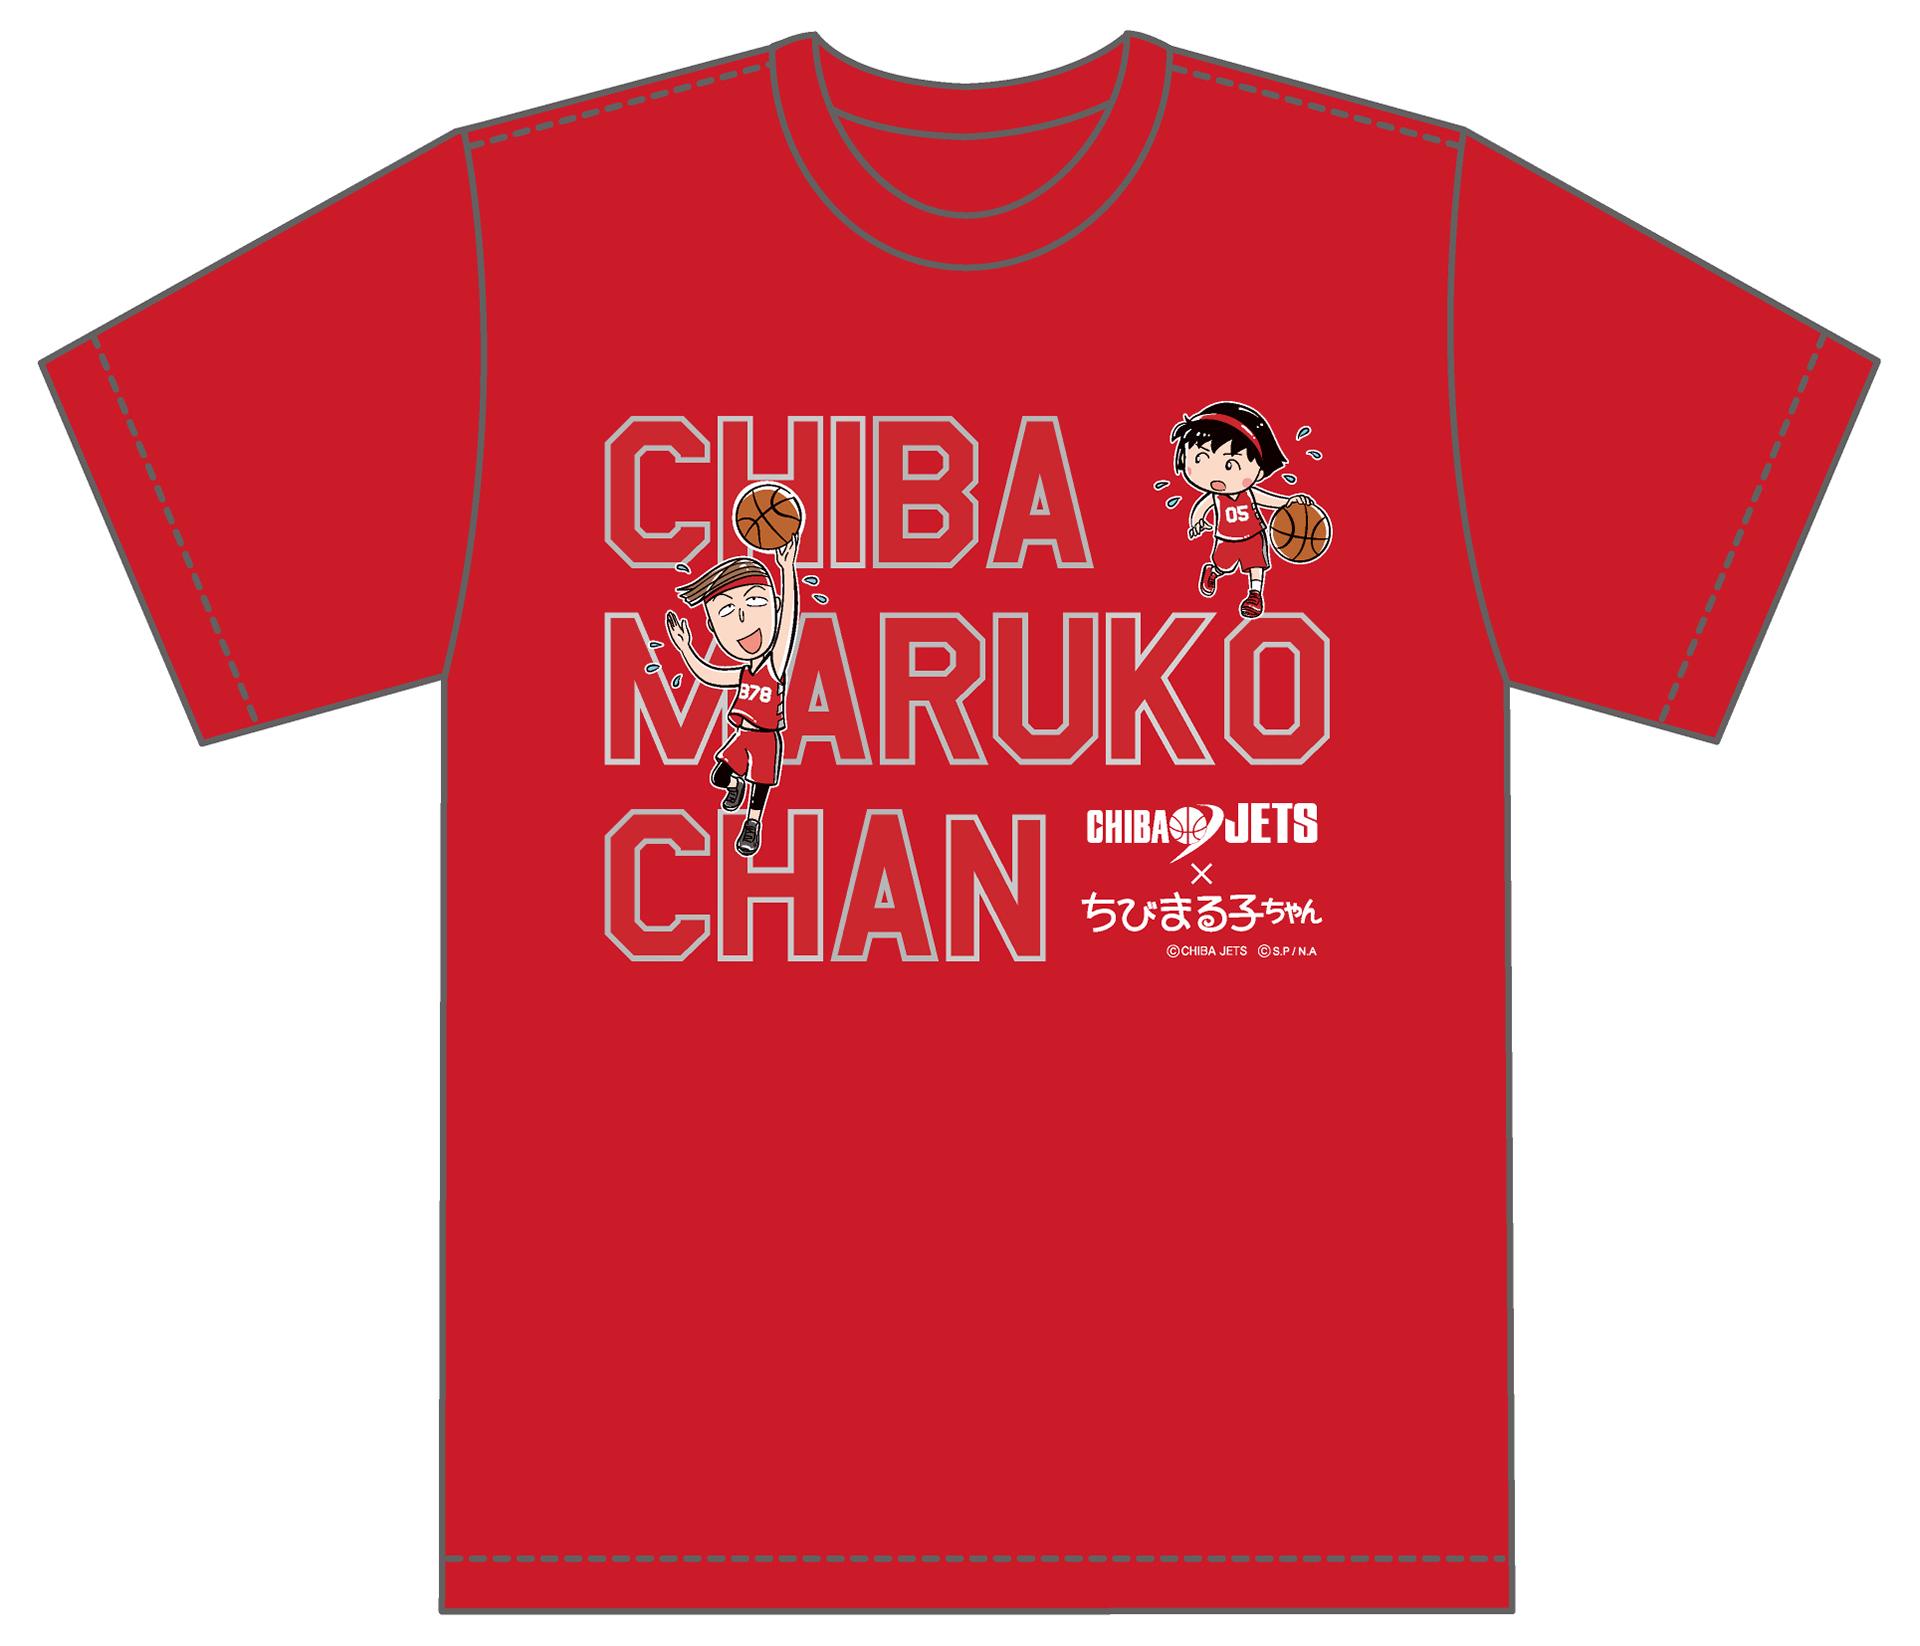 ちびじゃないよ!CHIBA MARUKO CHAN の巻